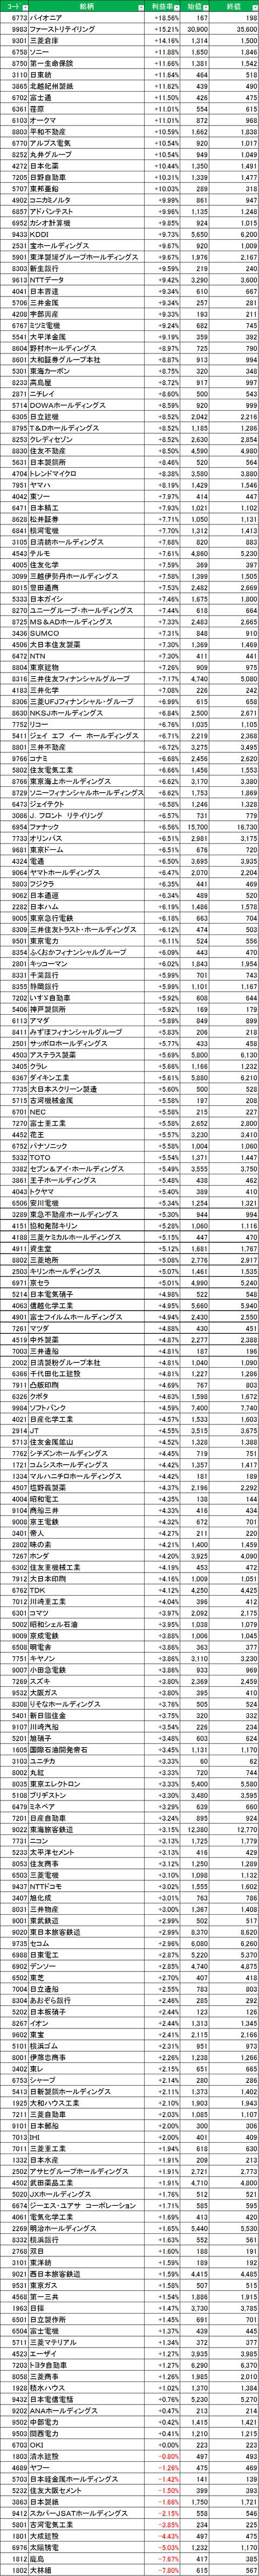 20131115日経225銘柄騰落率